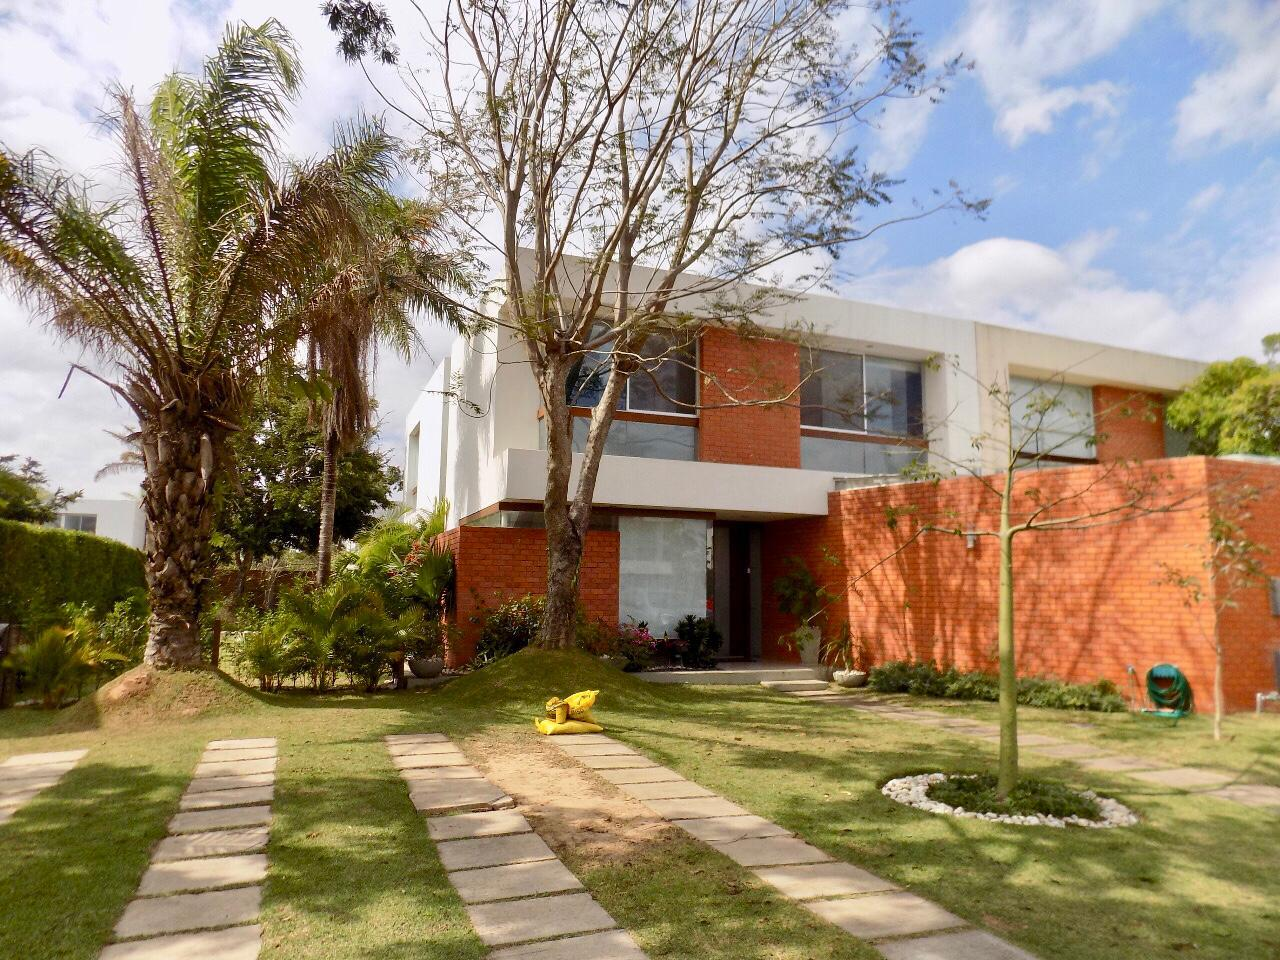 Casa en Alquiler ZONA URUBO CONDOMINIO COSTA LOS BATOS, CASA EN ALQUILER. Foto 1